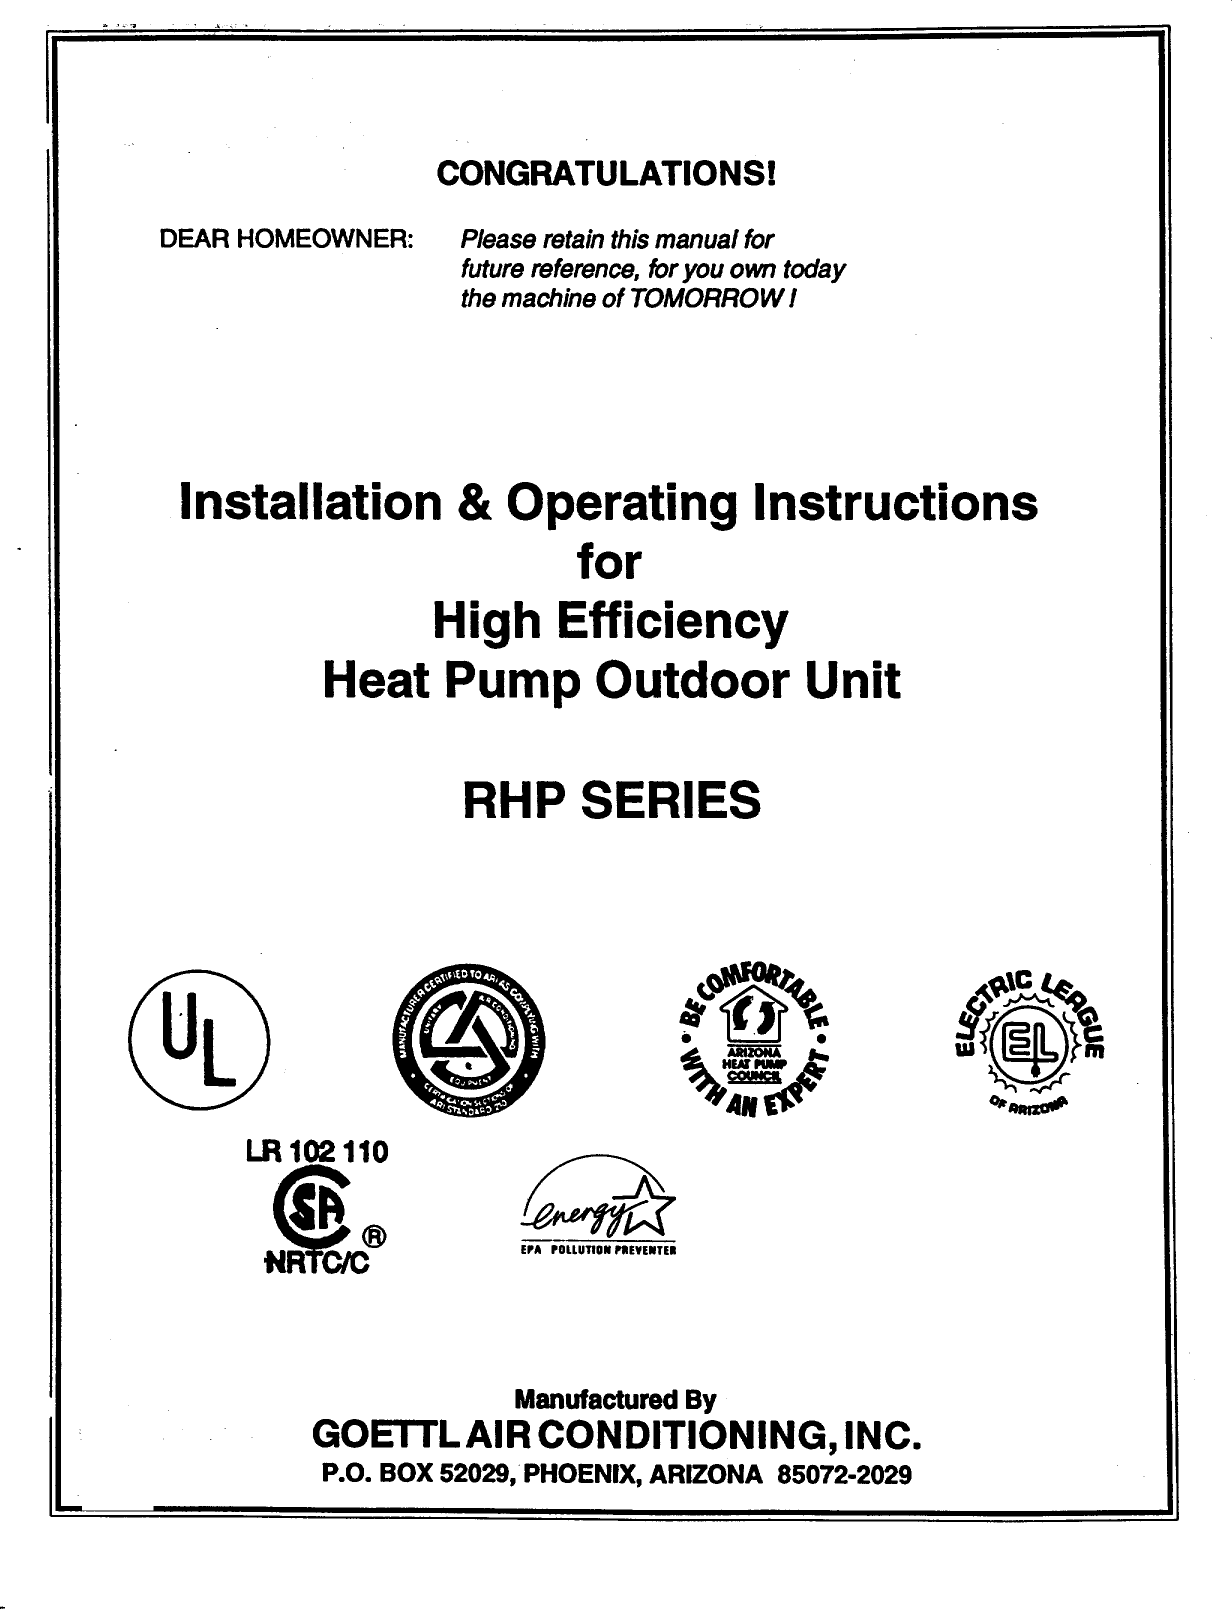 GOETTL Air Conditionerheat Pumpoutside Unit Manual 98090202